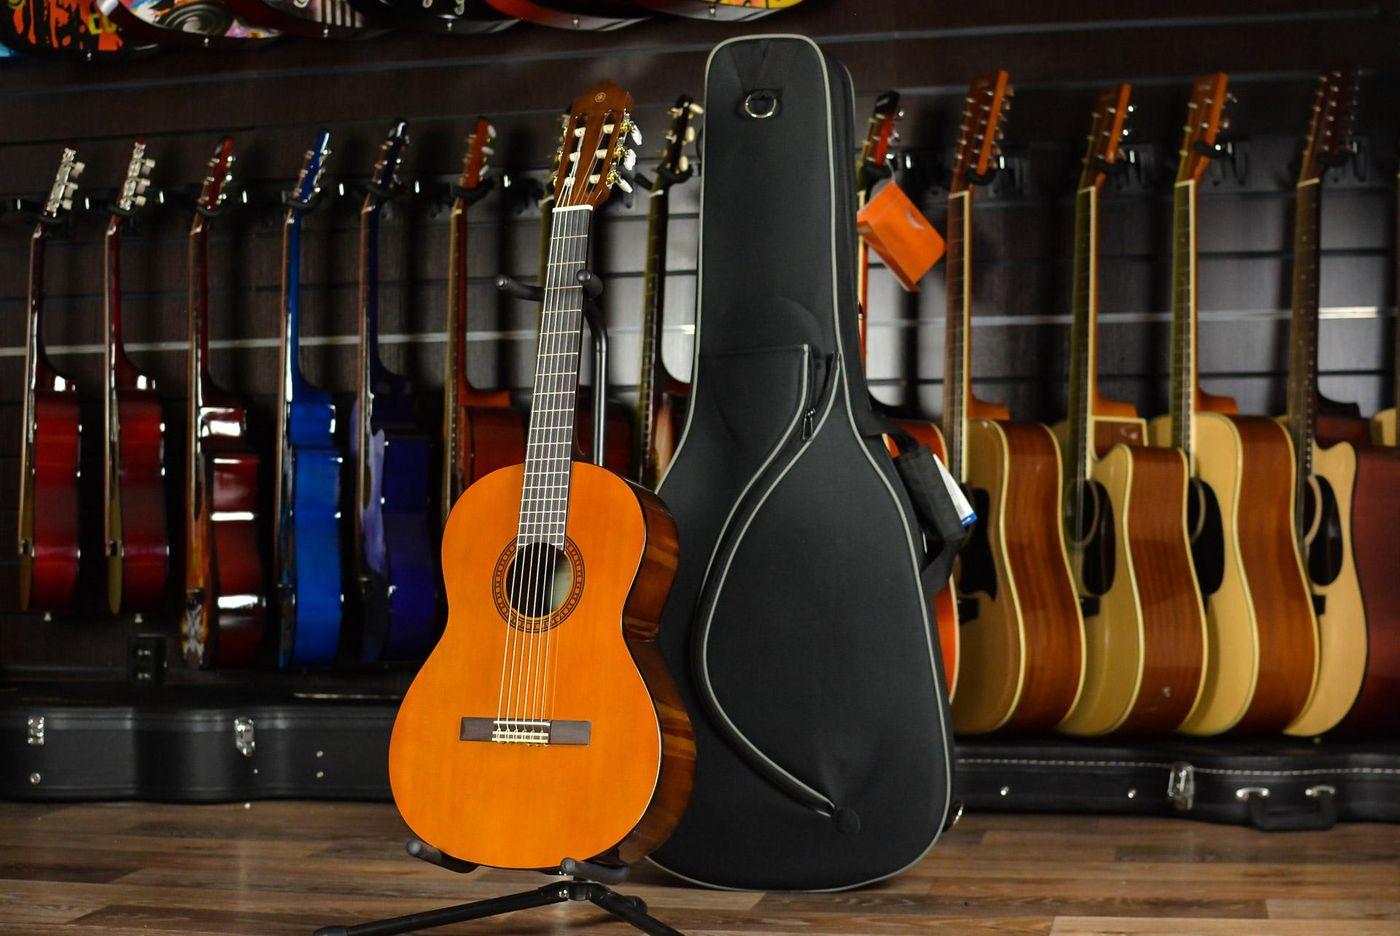 Лучшие музыкальные инструменты в онлайн магазине MuzikAnt.ua